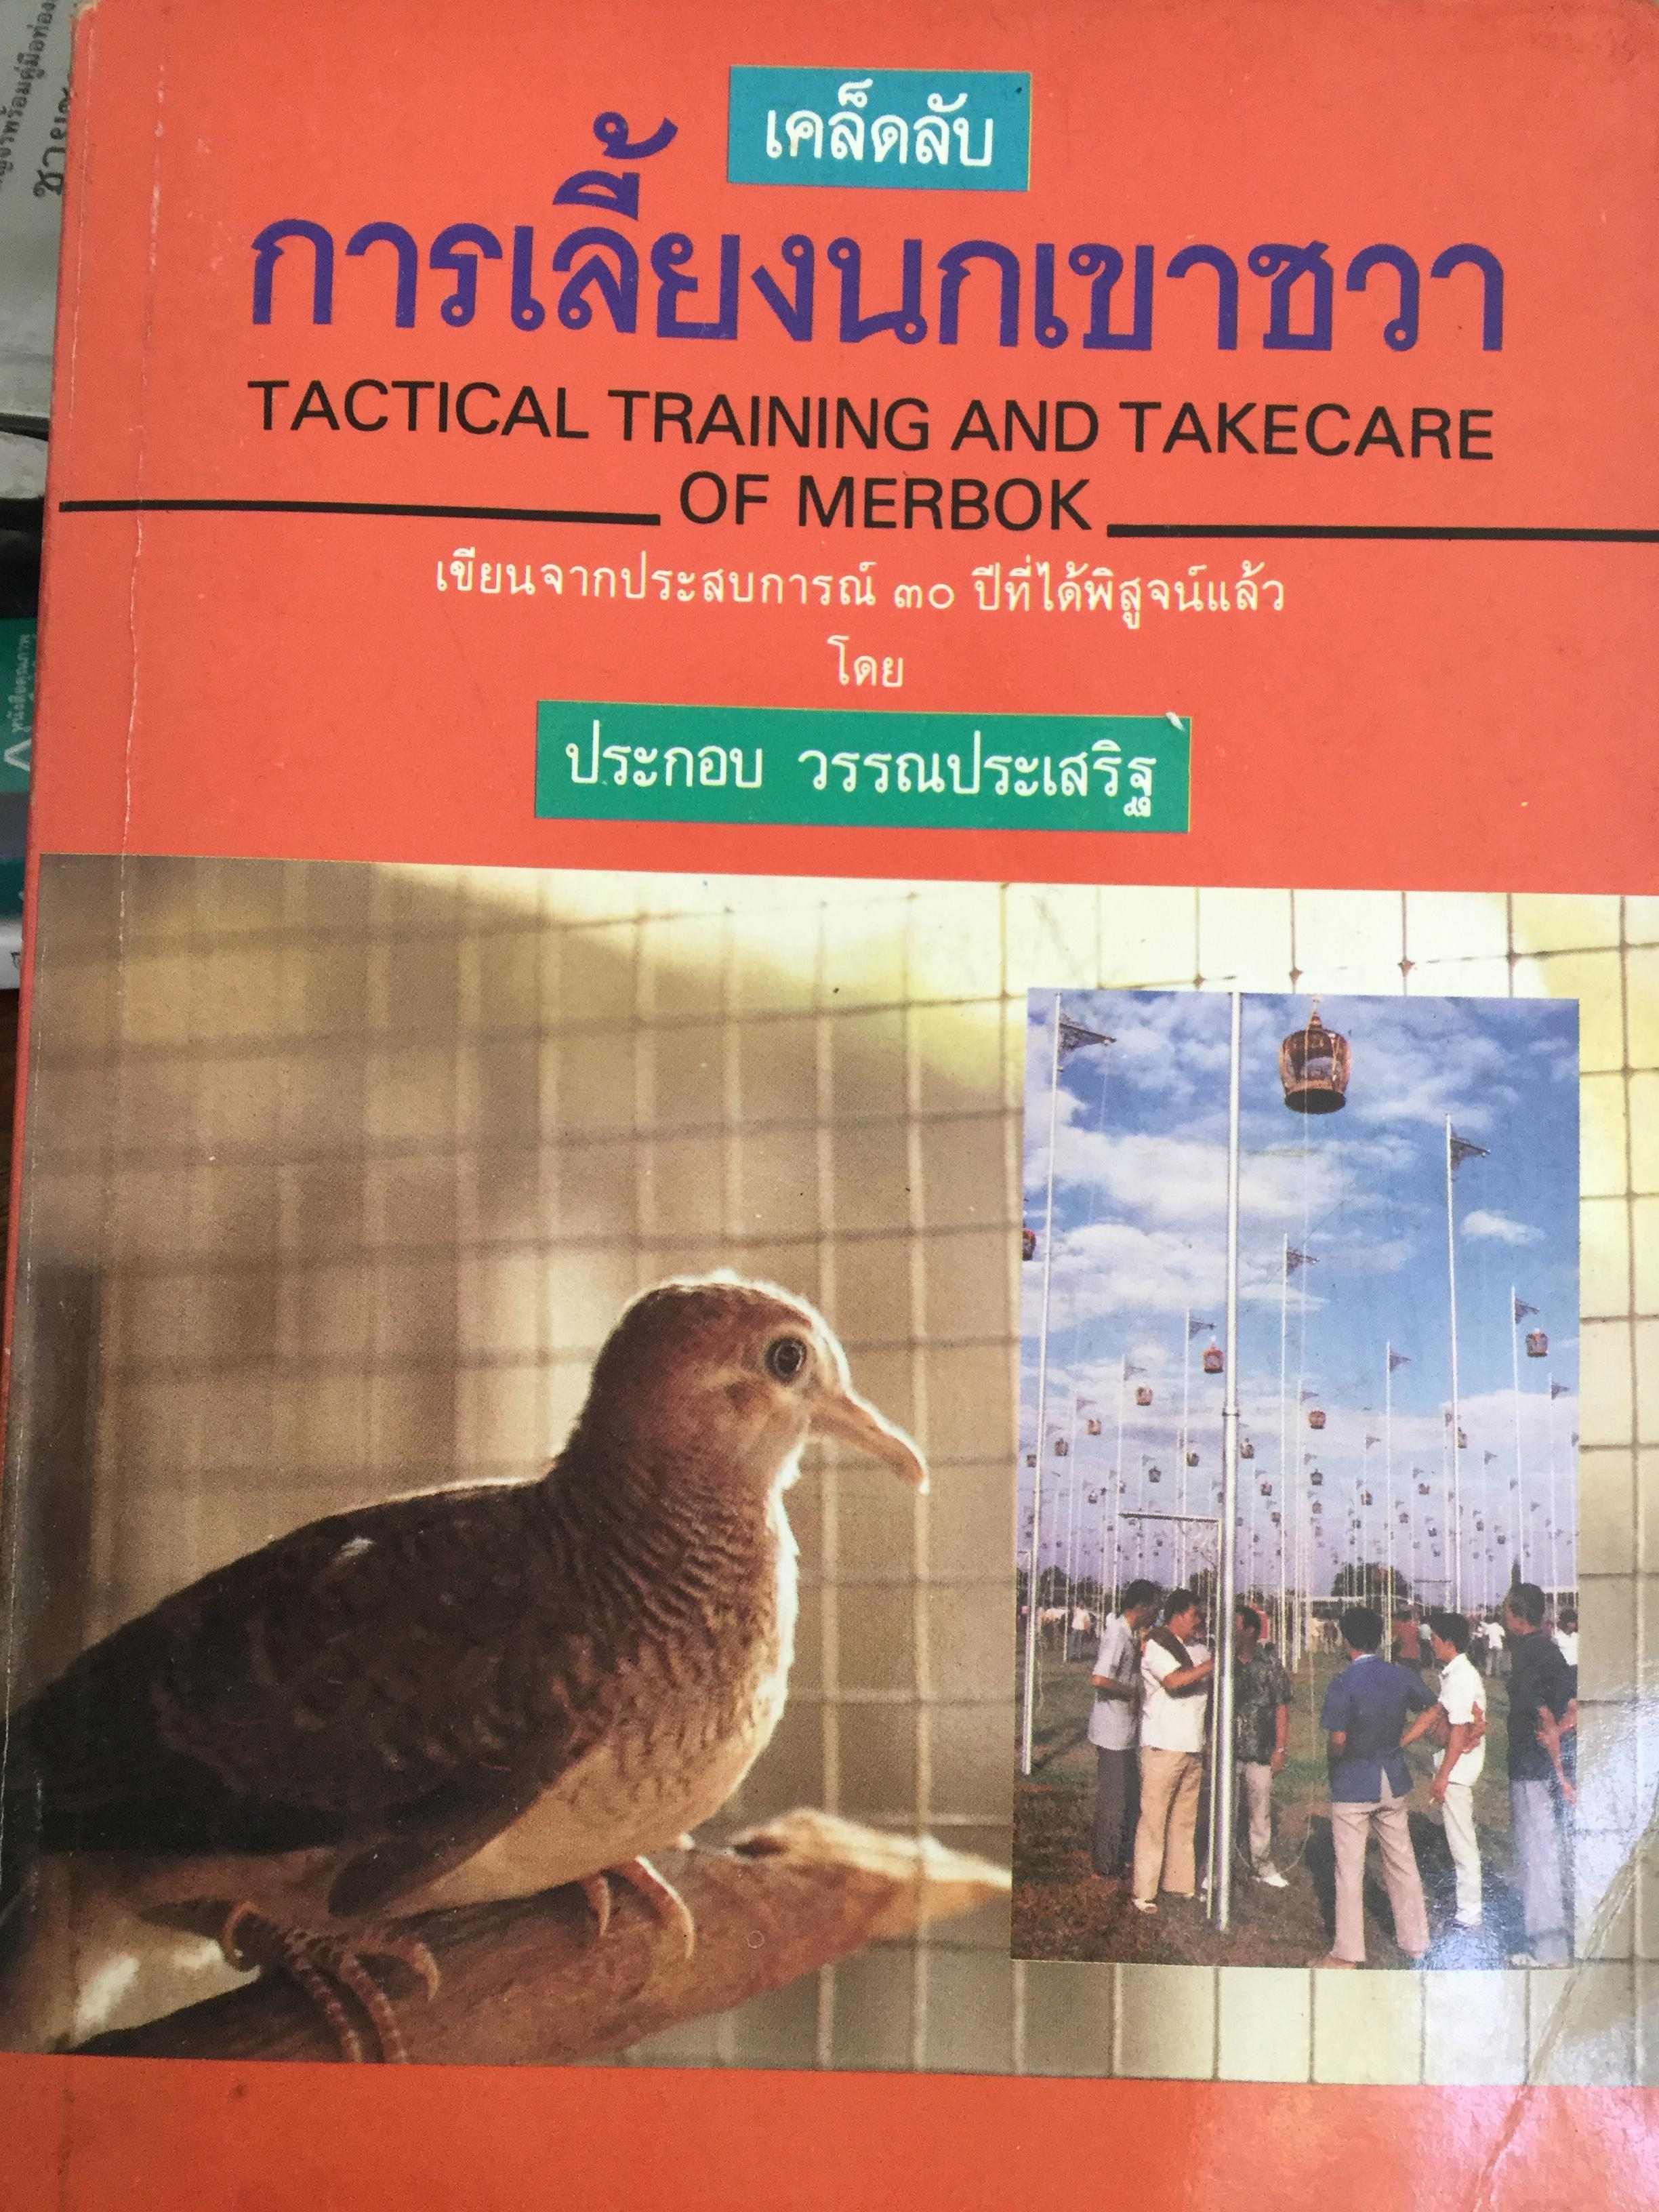 เคล็ดลับ การเลี้ยงนกเขาชวา Tactical Training and Takecare of merbok เขียนจากประสบการณ์ 30 ปีที่ได้พิสูจน์แล้ว โดย ประกอบ วรรณประเสริฐ